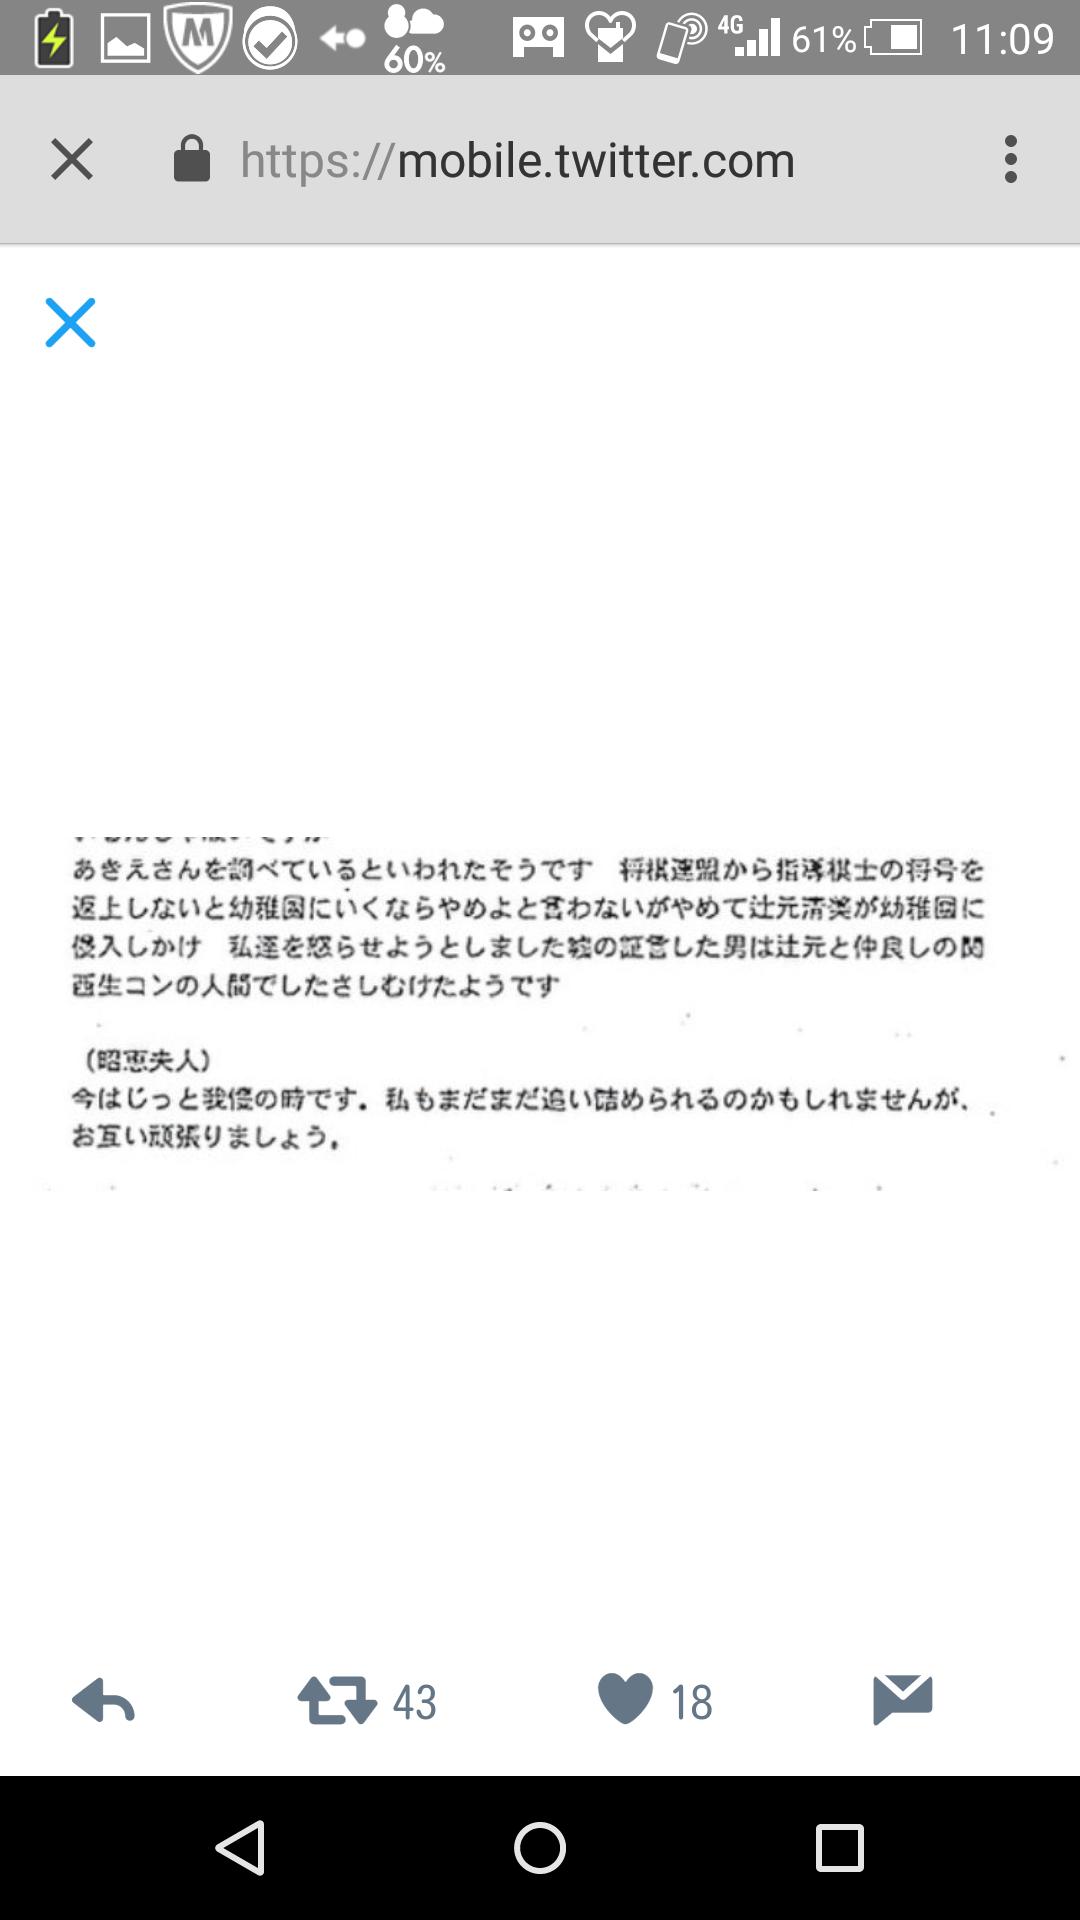 野党隠蔽の「昭恵・籠池妻メール」に「辻元清美』」の名前!!!民進党消滅へwwwwwwwwwwwwwwのサムネイル画像